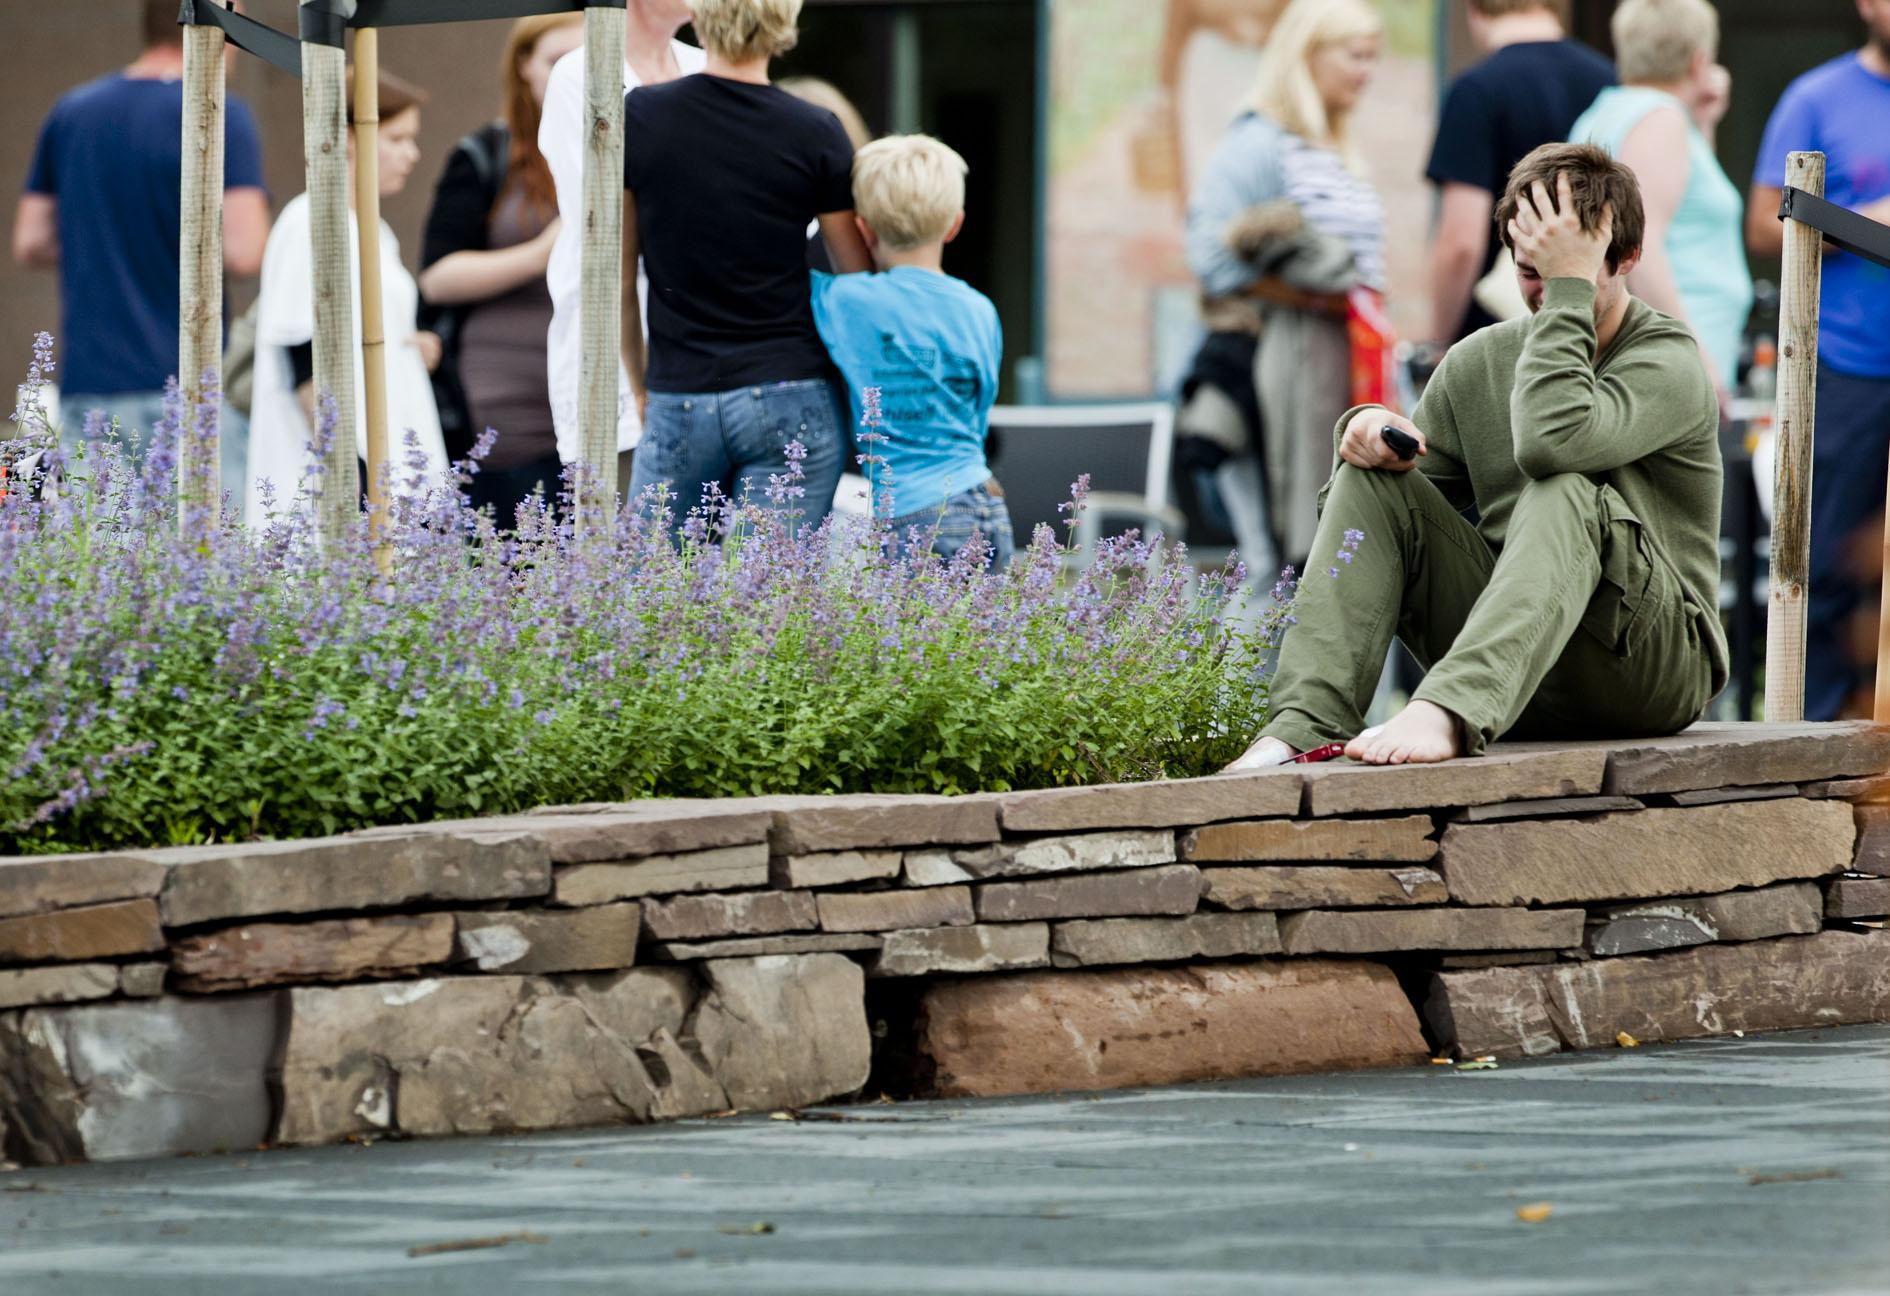 MARERITT: Thorbjørn Vereide (i grønt) opplevde marerittet. Nå er han på Sundvollen med de andre pårørende. Foto: Sara Johannesen, VG.